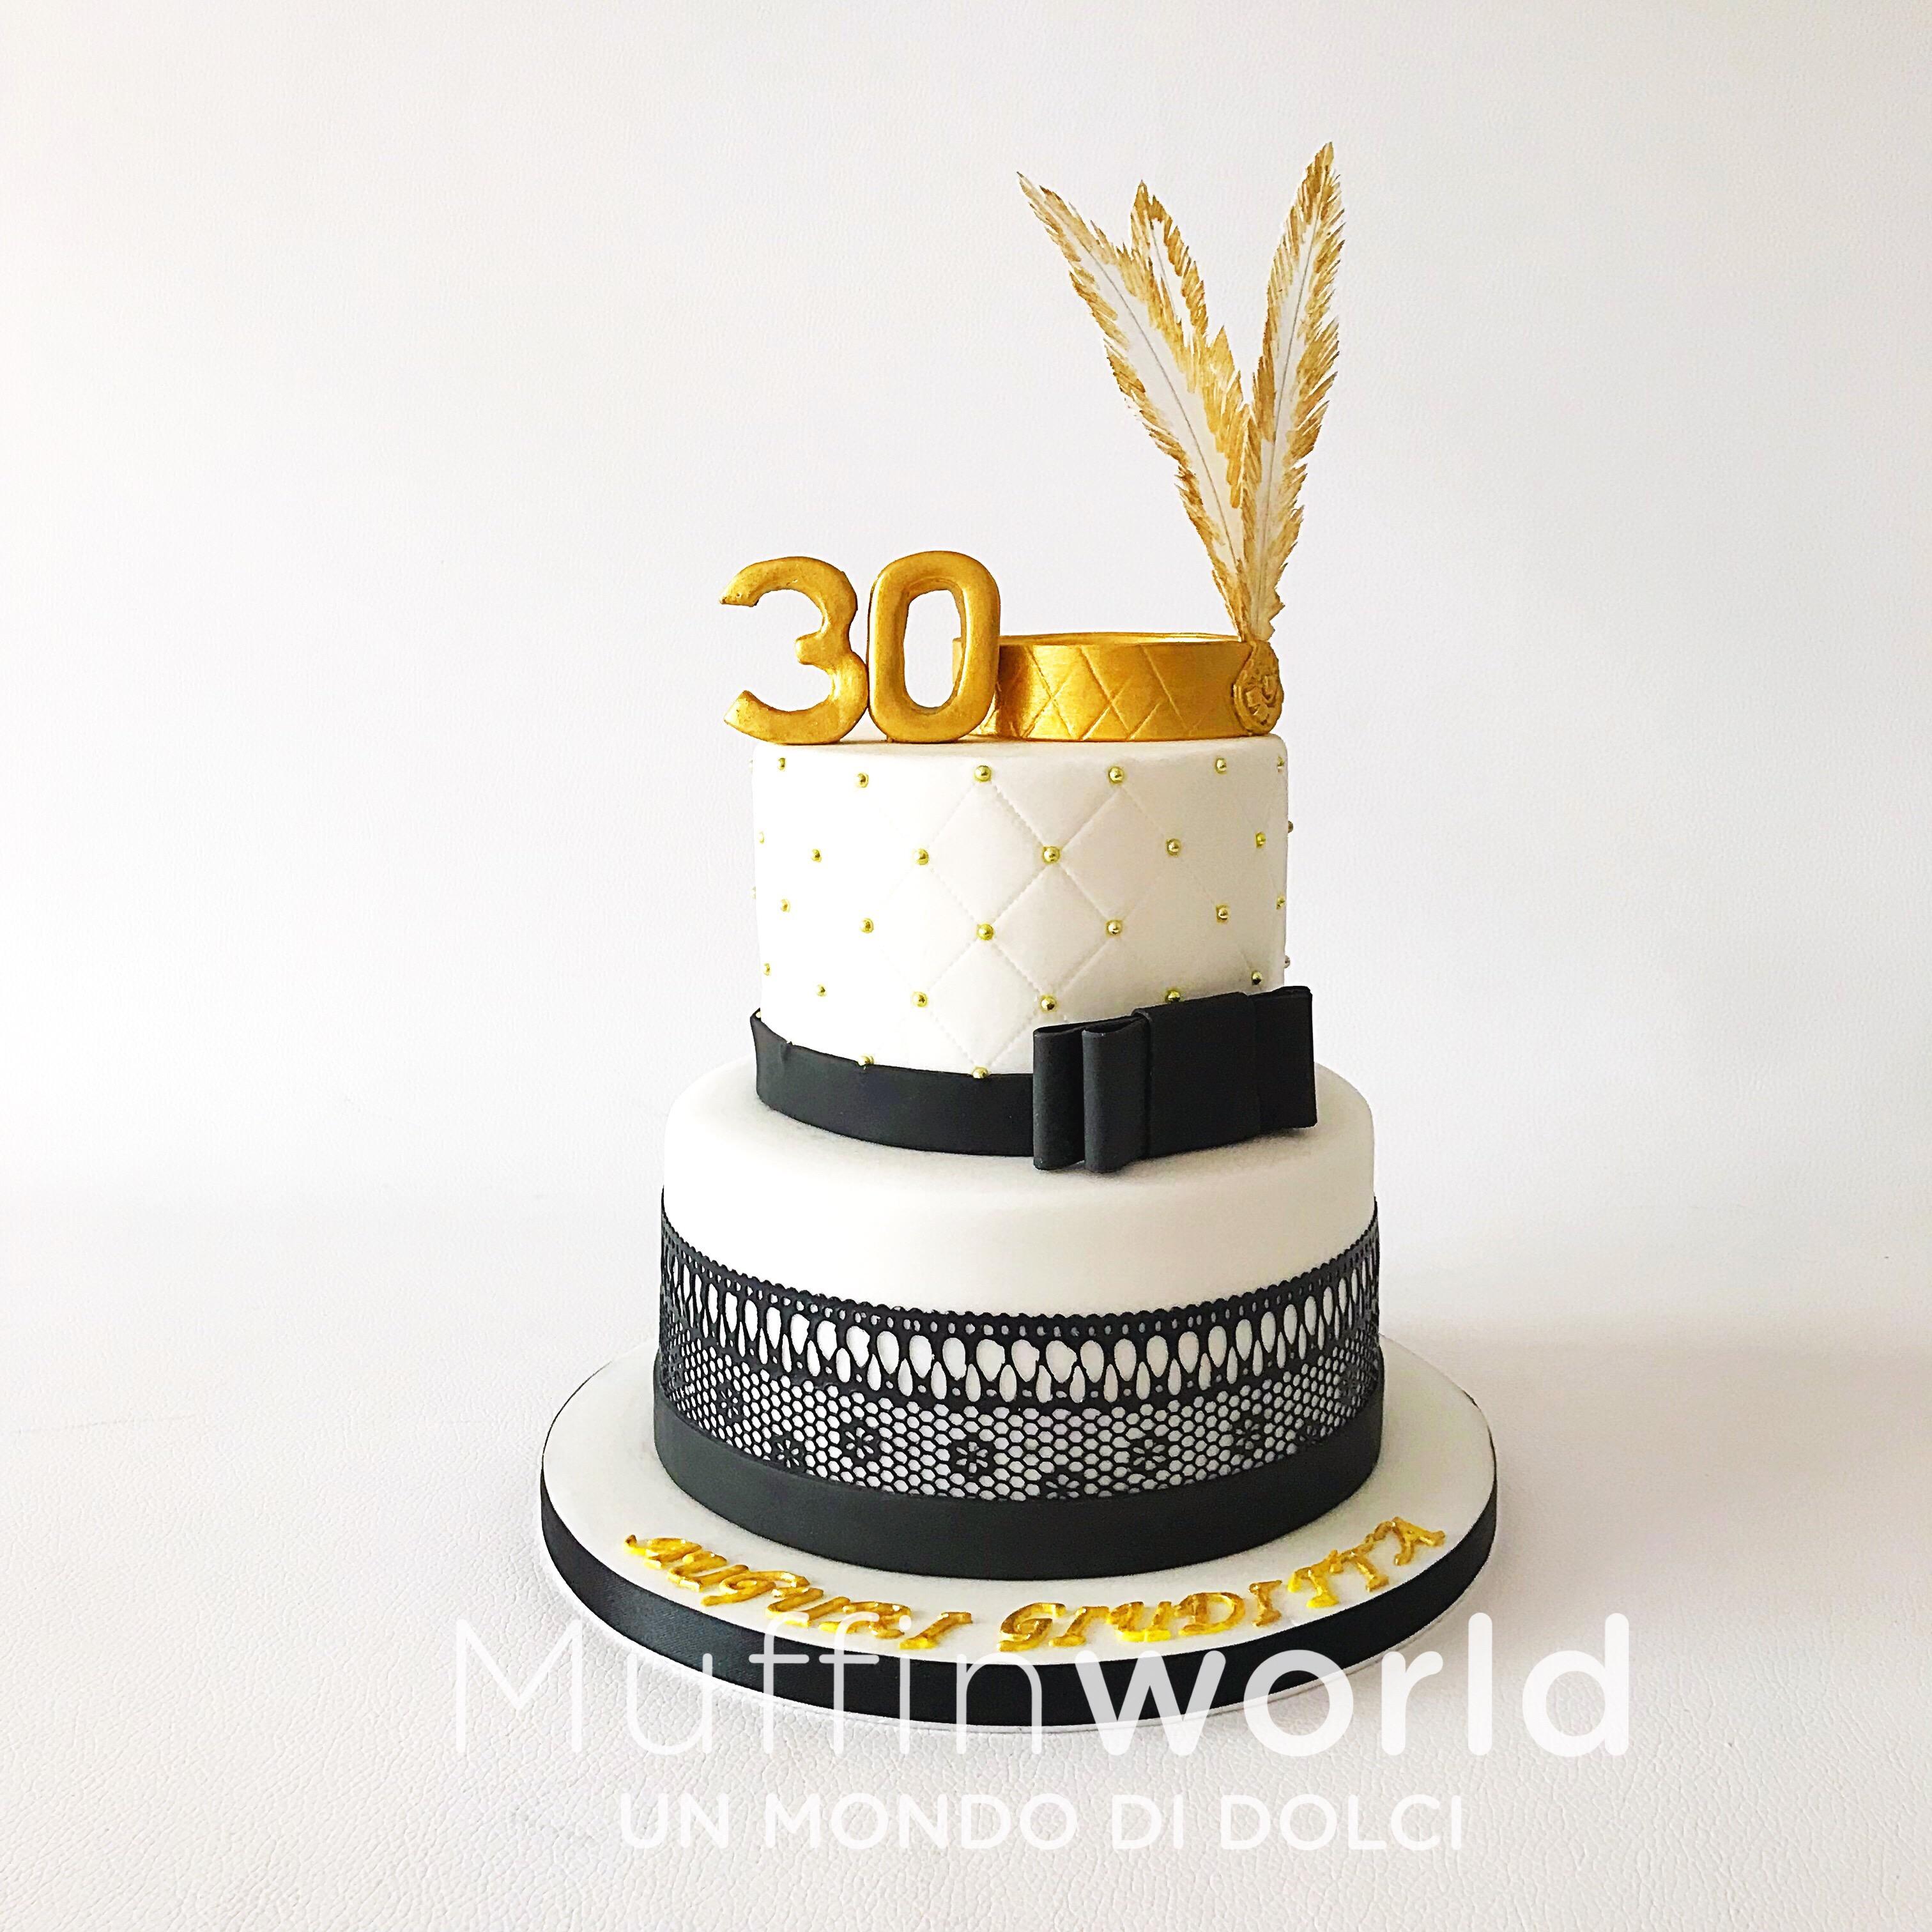 Torta di compleanno con decorazioni oro e nero a tema burlesque.